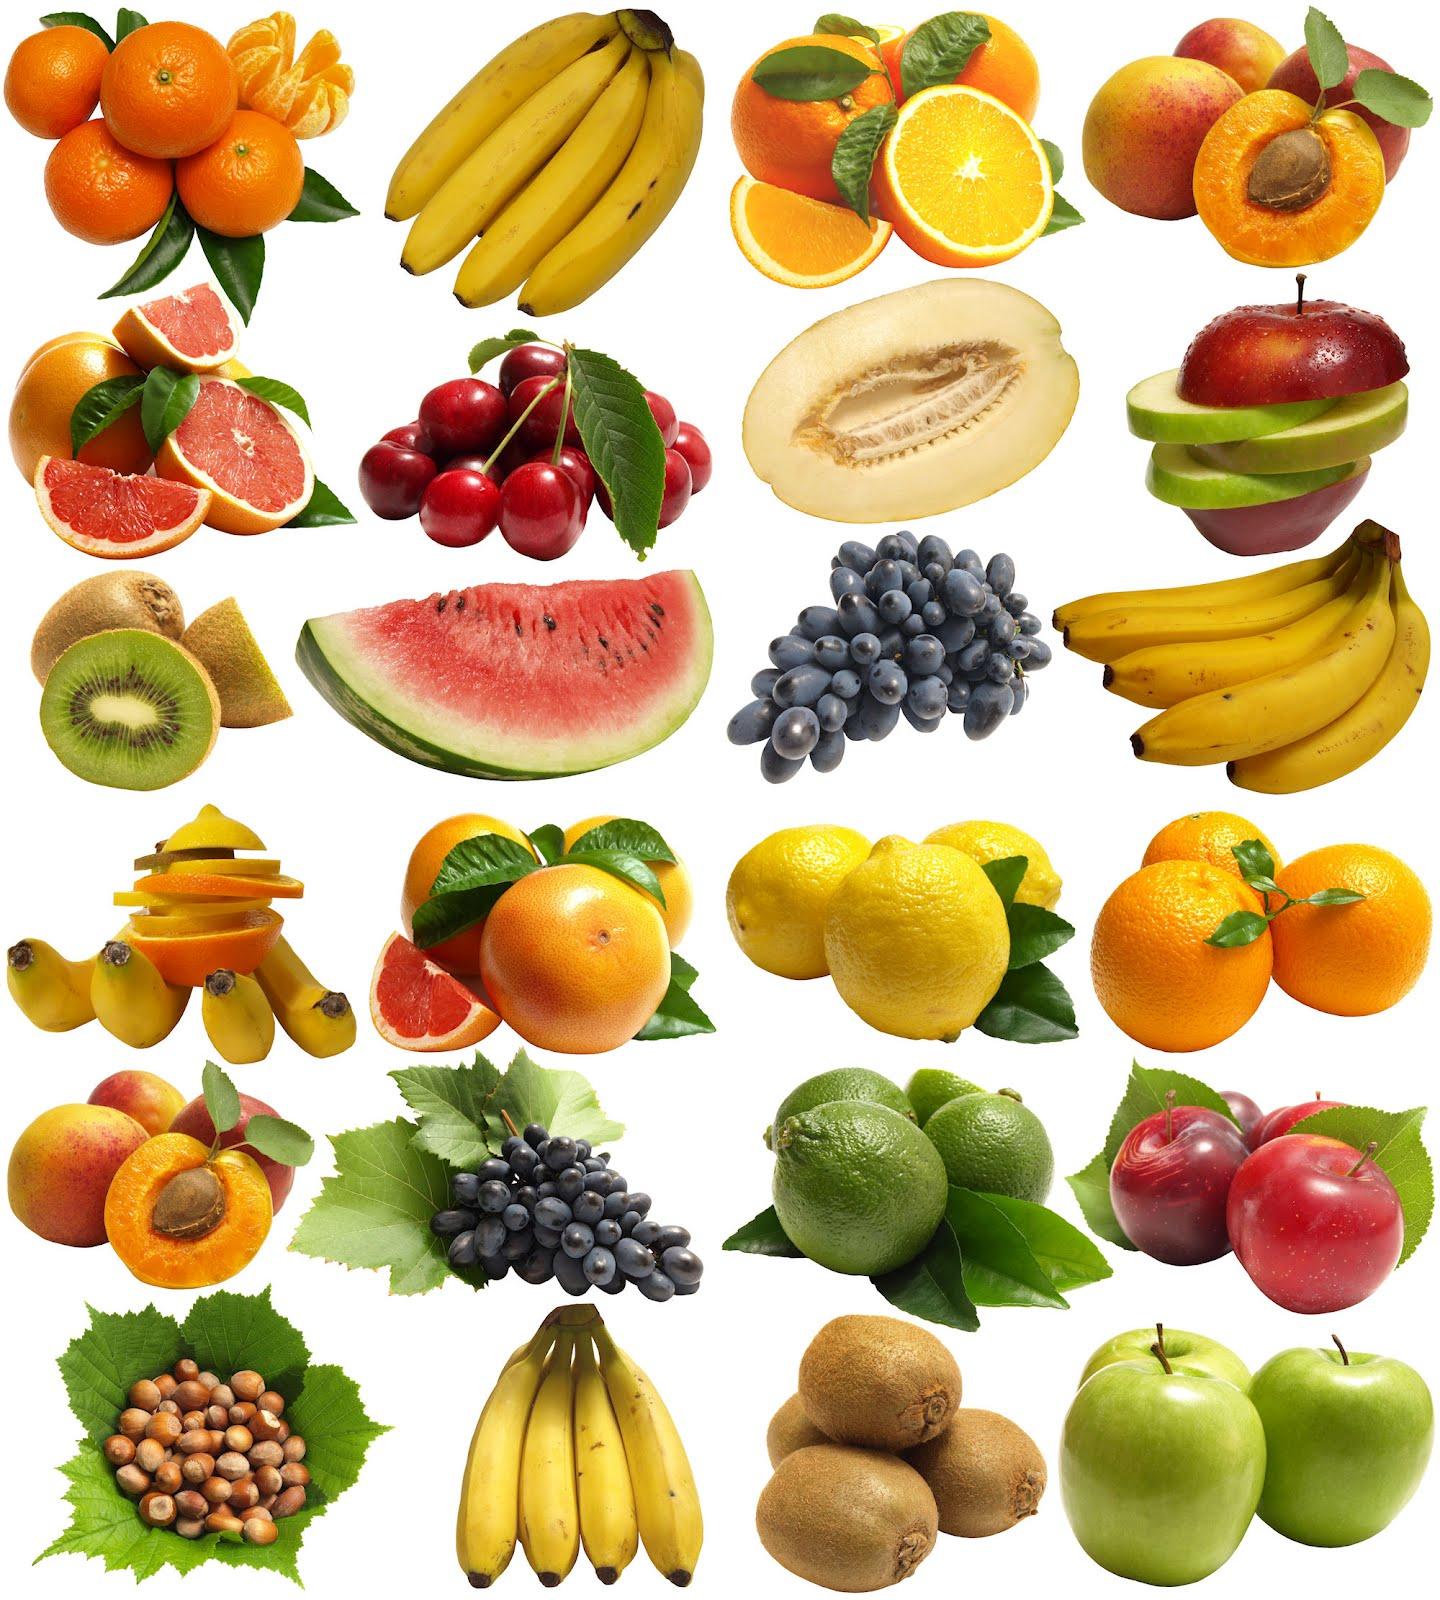 Grupo de nutrici n deportiva mitos es bueno cenar s lo - Semillas de frutas y verduras ...